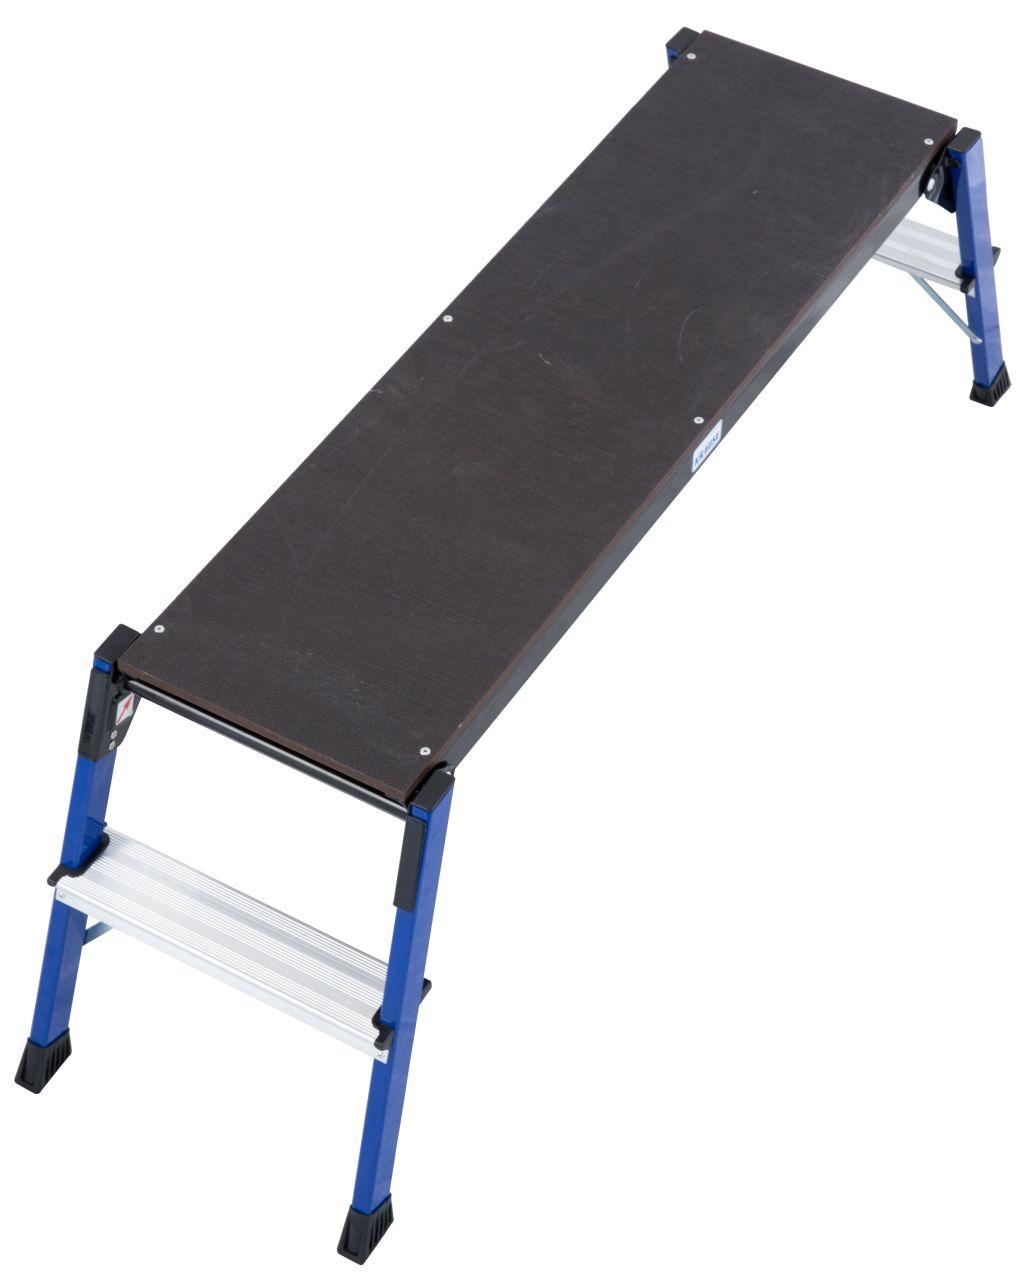 Arbeitsplattform Steptop. Die stabile Aluminium-Arbeitsplattform eignet sich ideal für Arbeiten, die eine große Standfläche benötigen und kann platzsparend zusammengeklappt werden.